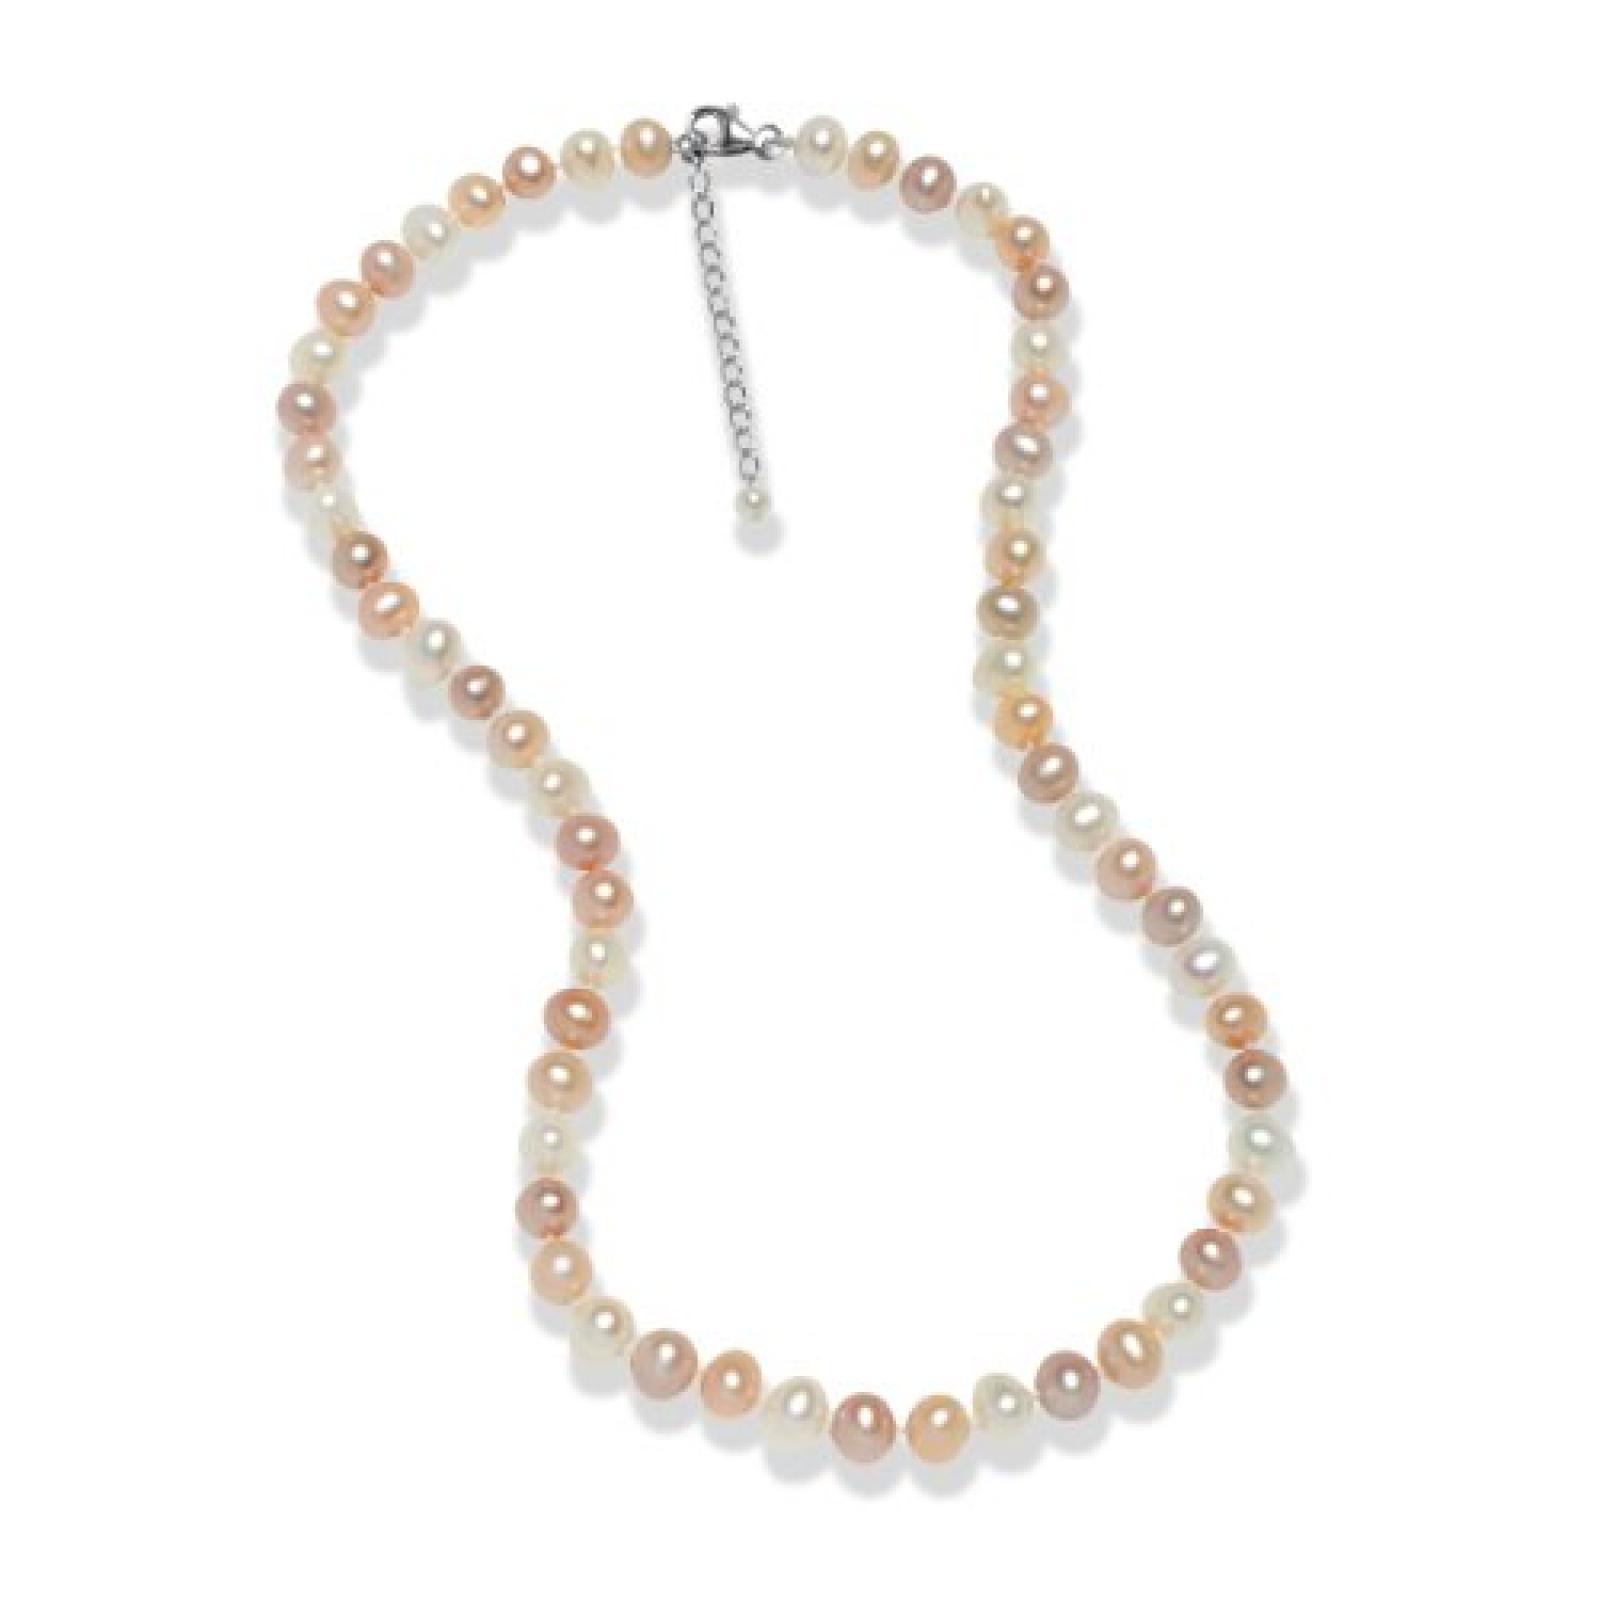 Valero Pearls Classic Collection Damen-Kette Hochwertige Süßwasser-Zuchtperlen in ca.  7 mm Oval weiß / apricot / flieder 925 Sterling Silber    42 cm + 5 cm Verlängerung   60201627